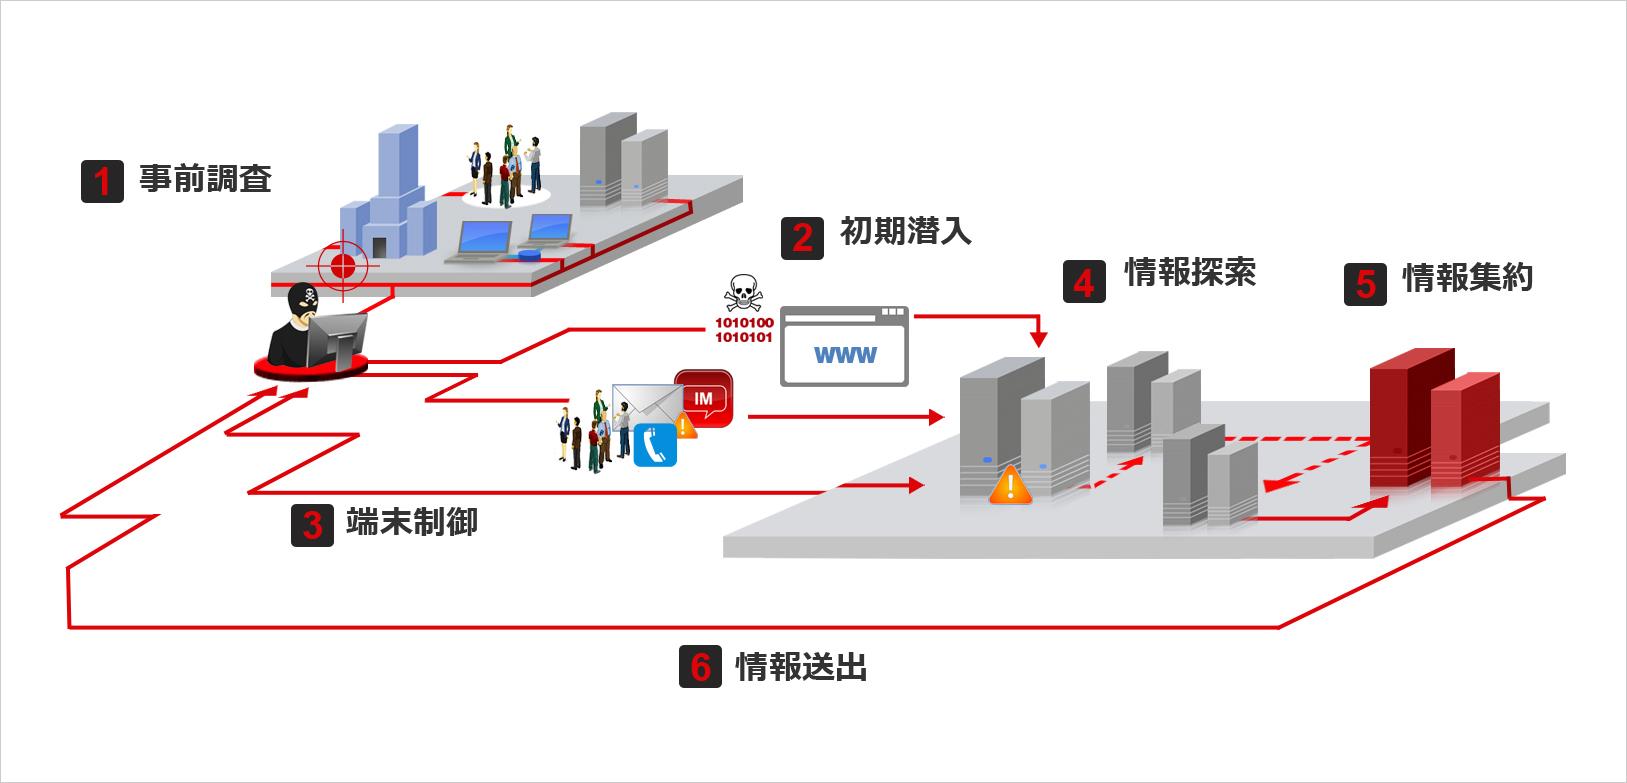 図1:持続的標的型攻撃の攻撃段階概念図